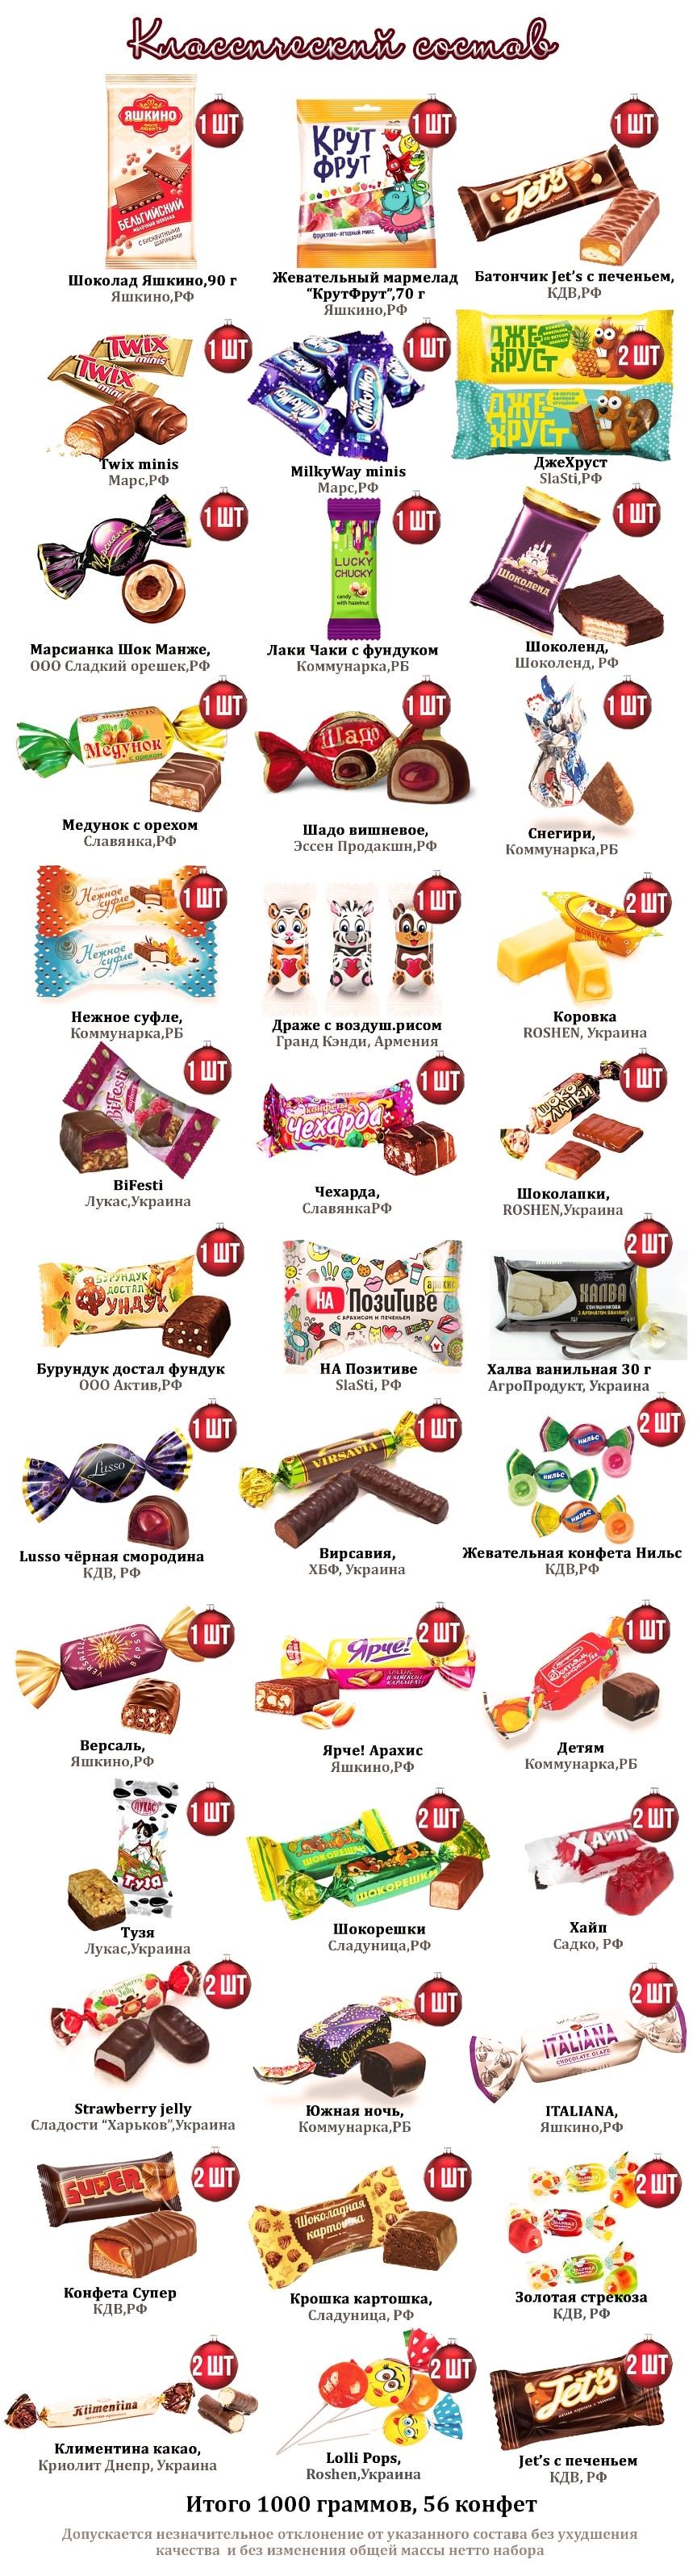 новогодние подарки классик 1000 грамм